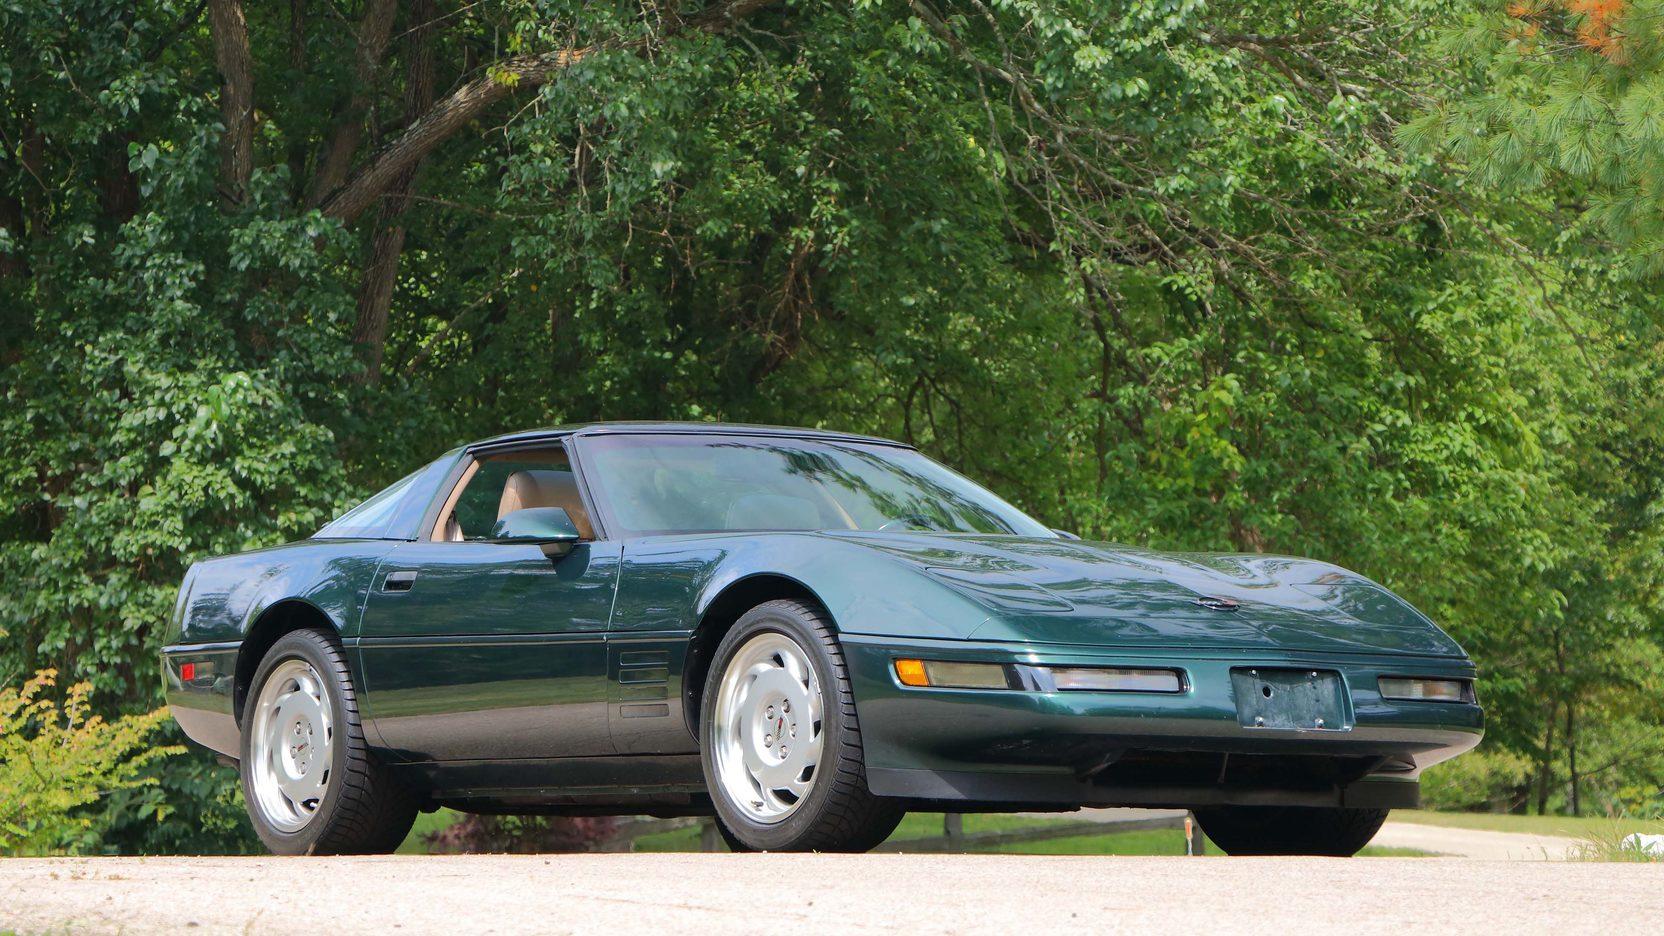 1992 Chevrolet Corvette front 3/4